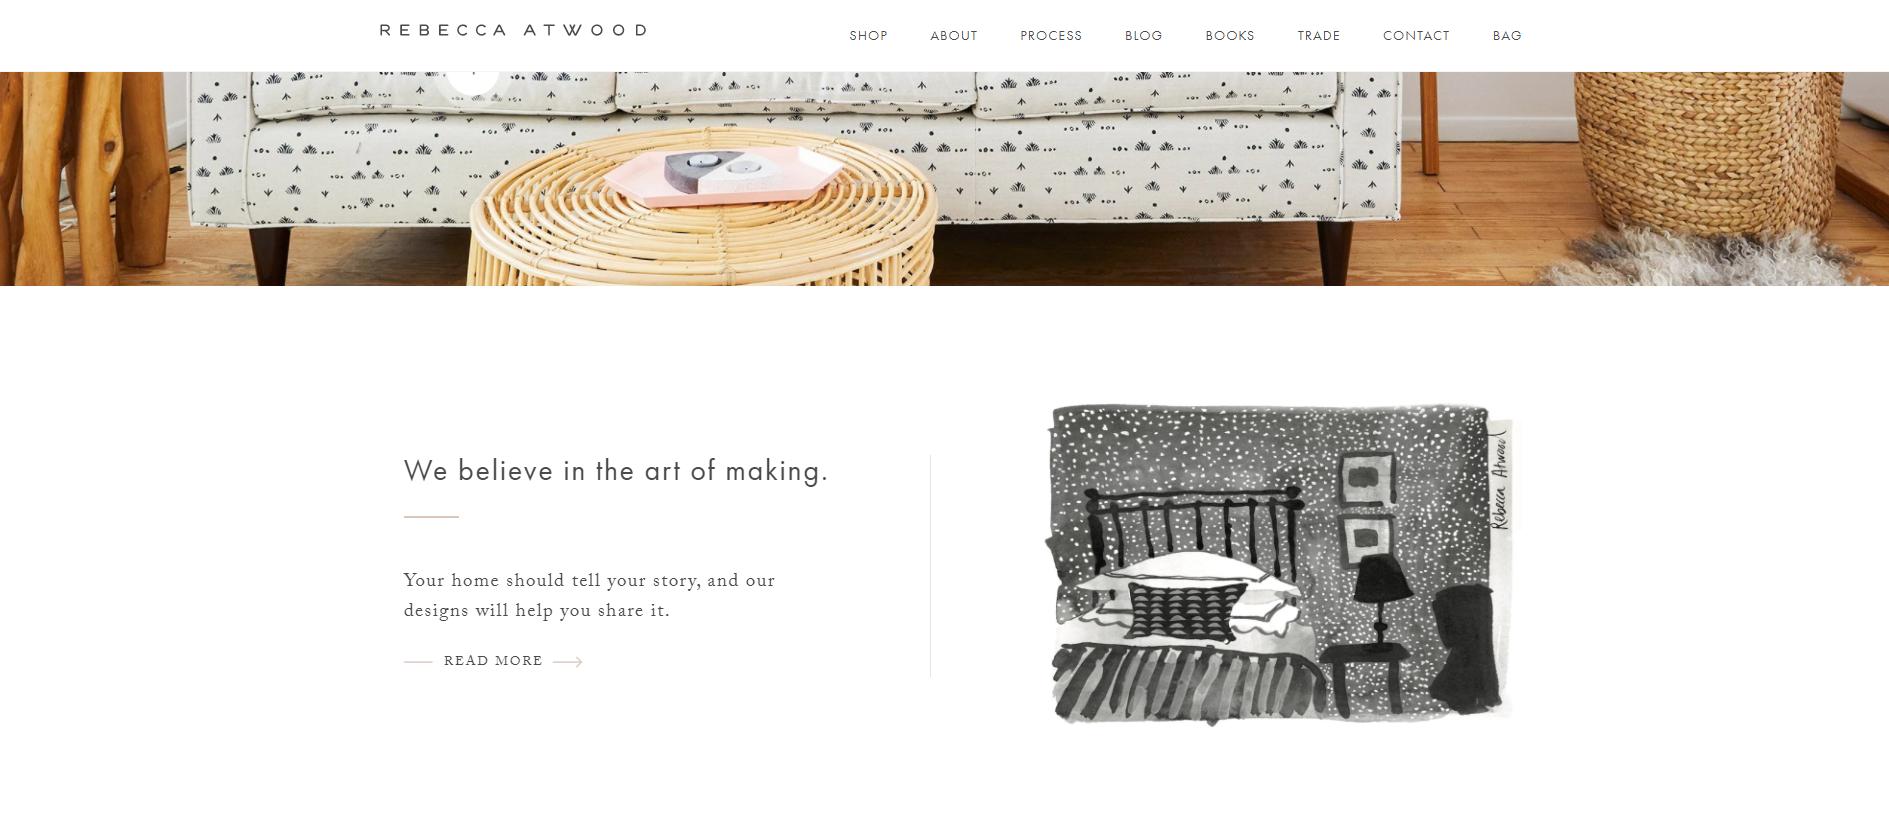 متجر Rebecca Atwood - تصميم موقع الكتروني